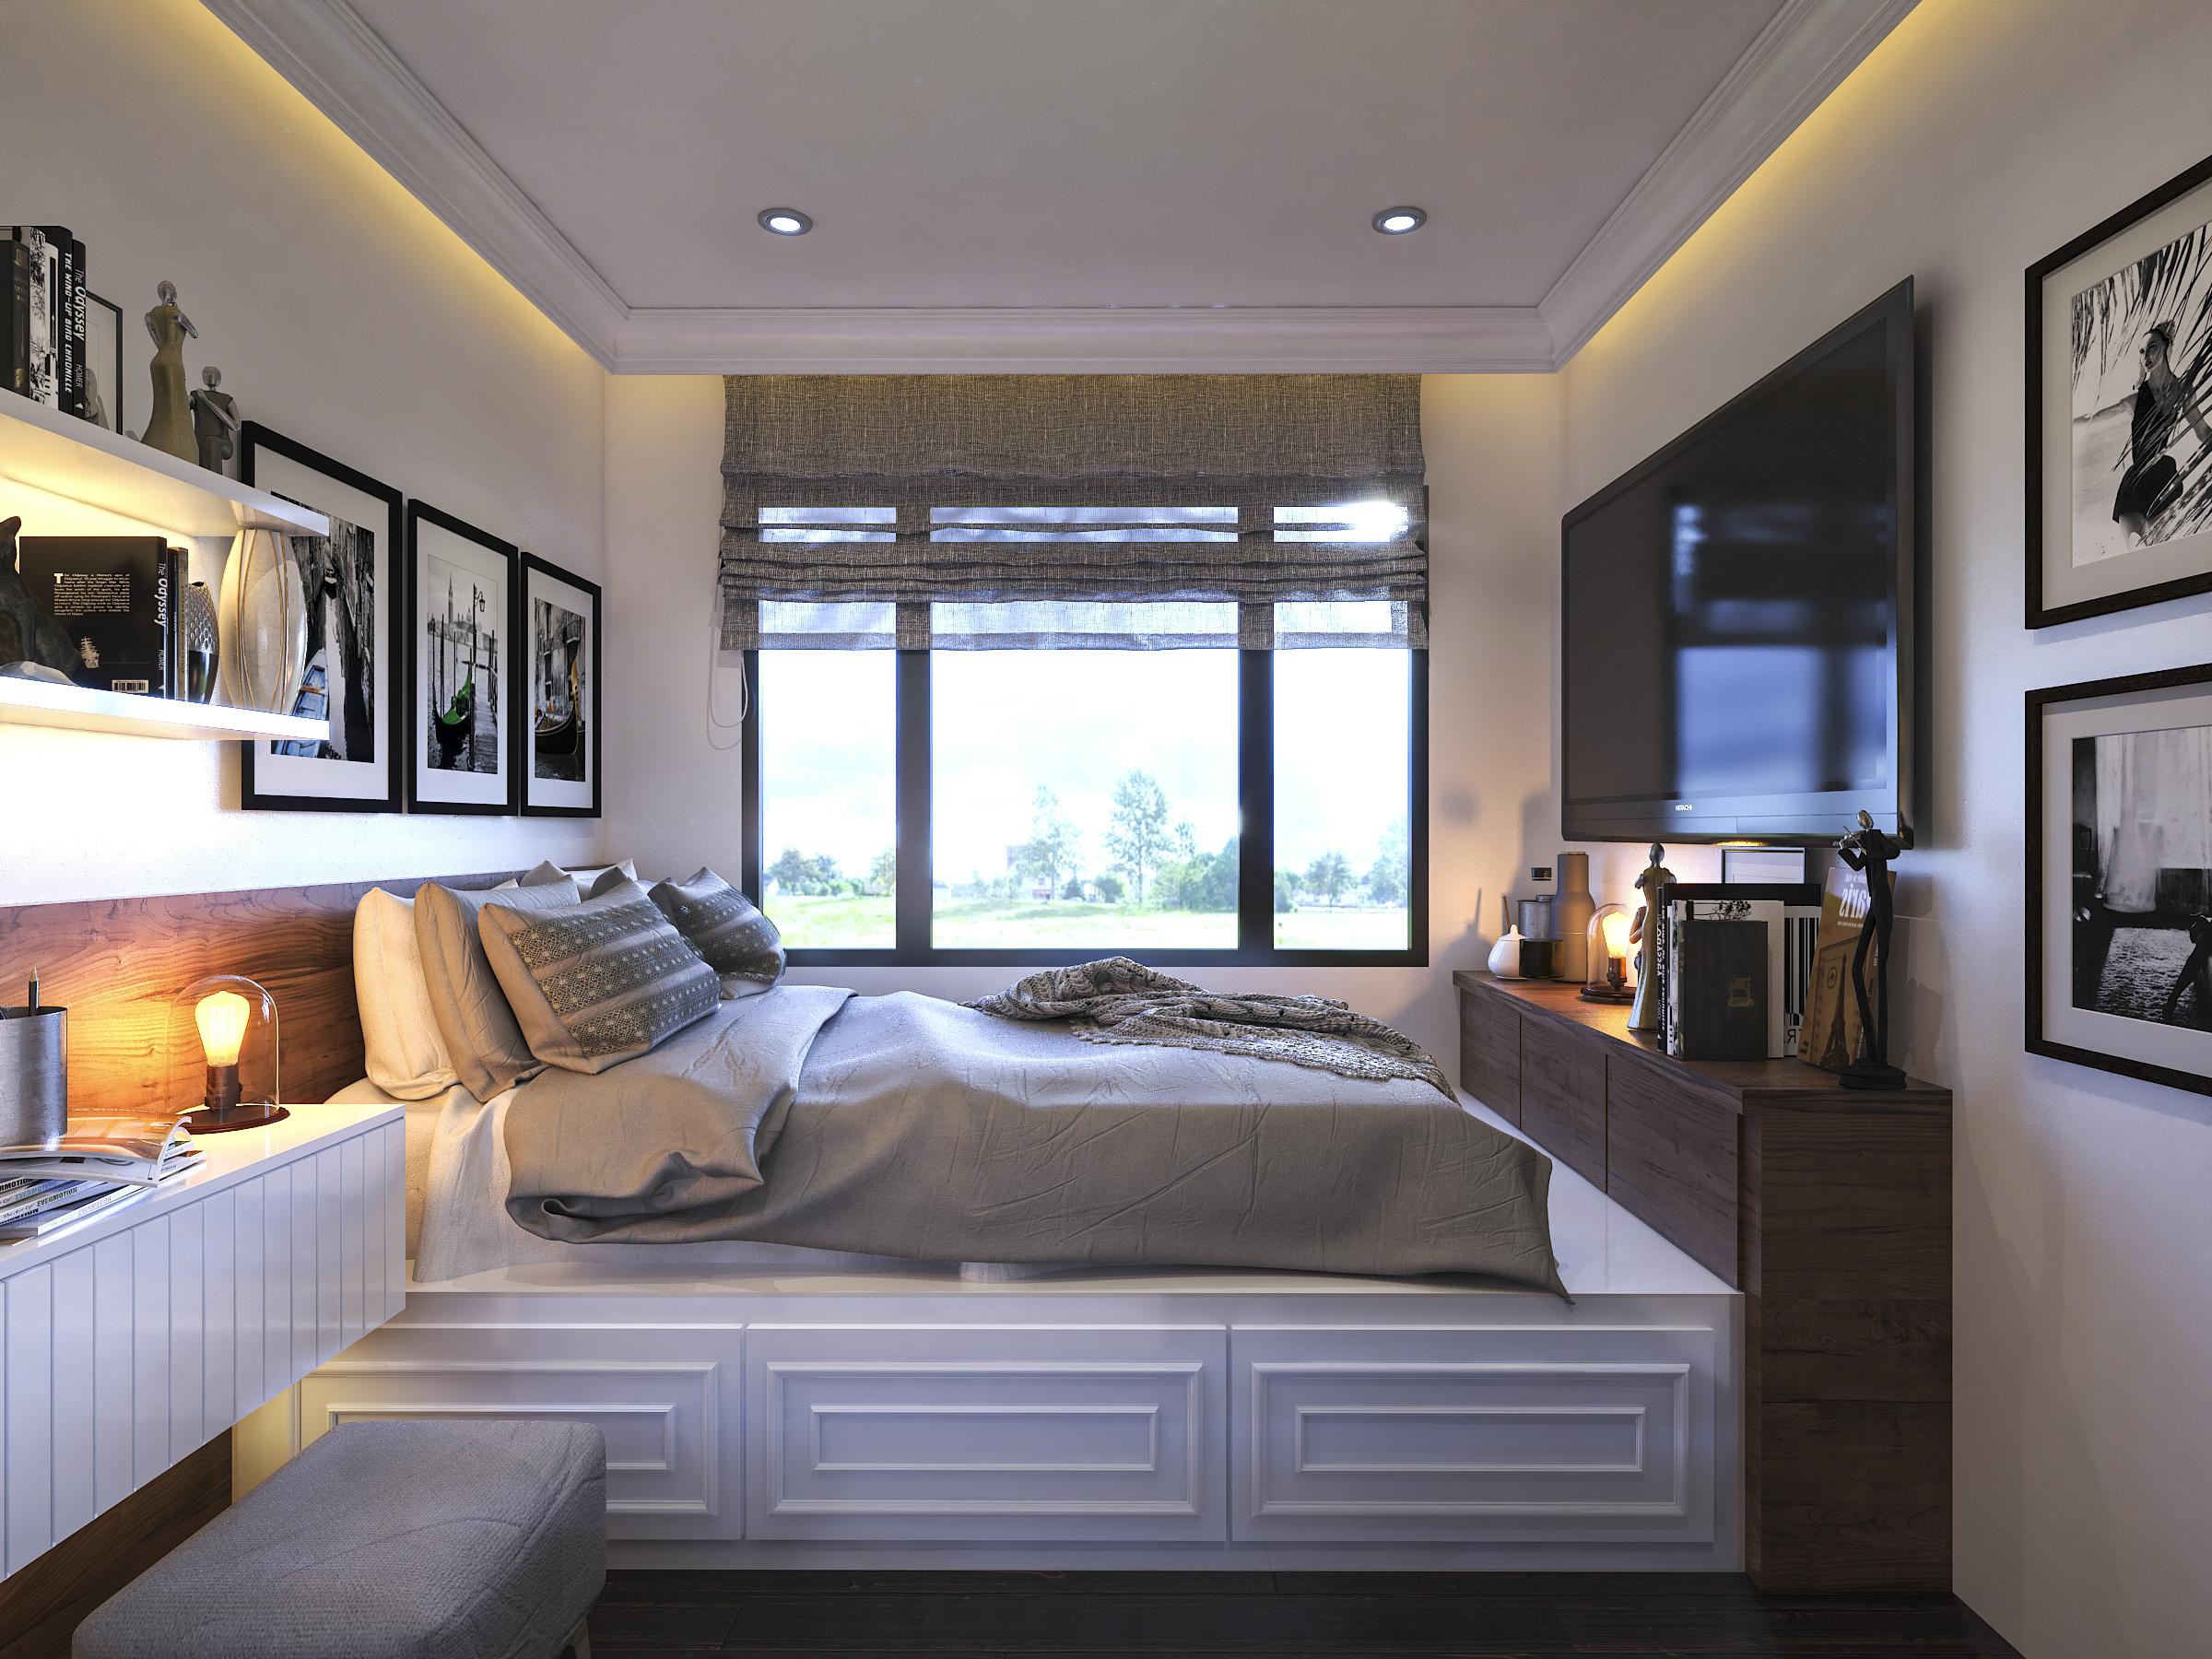 Thiết kế nội thất Chung Cư tại Hồ Chí Minh Ms Liên's Apartment 1592323880 10